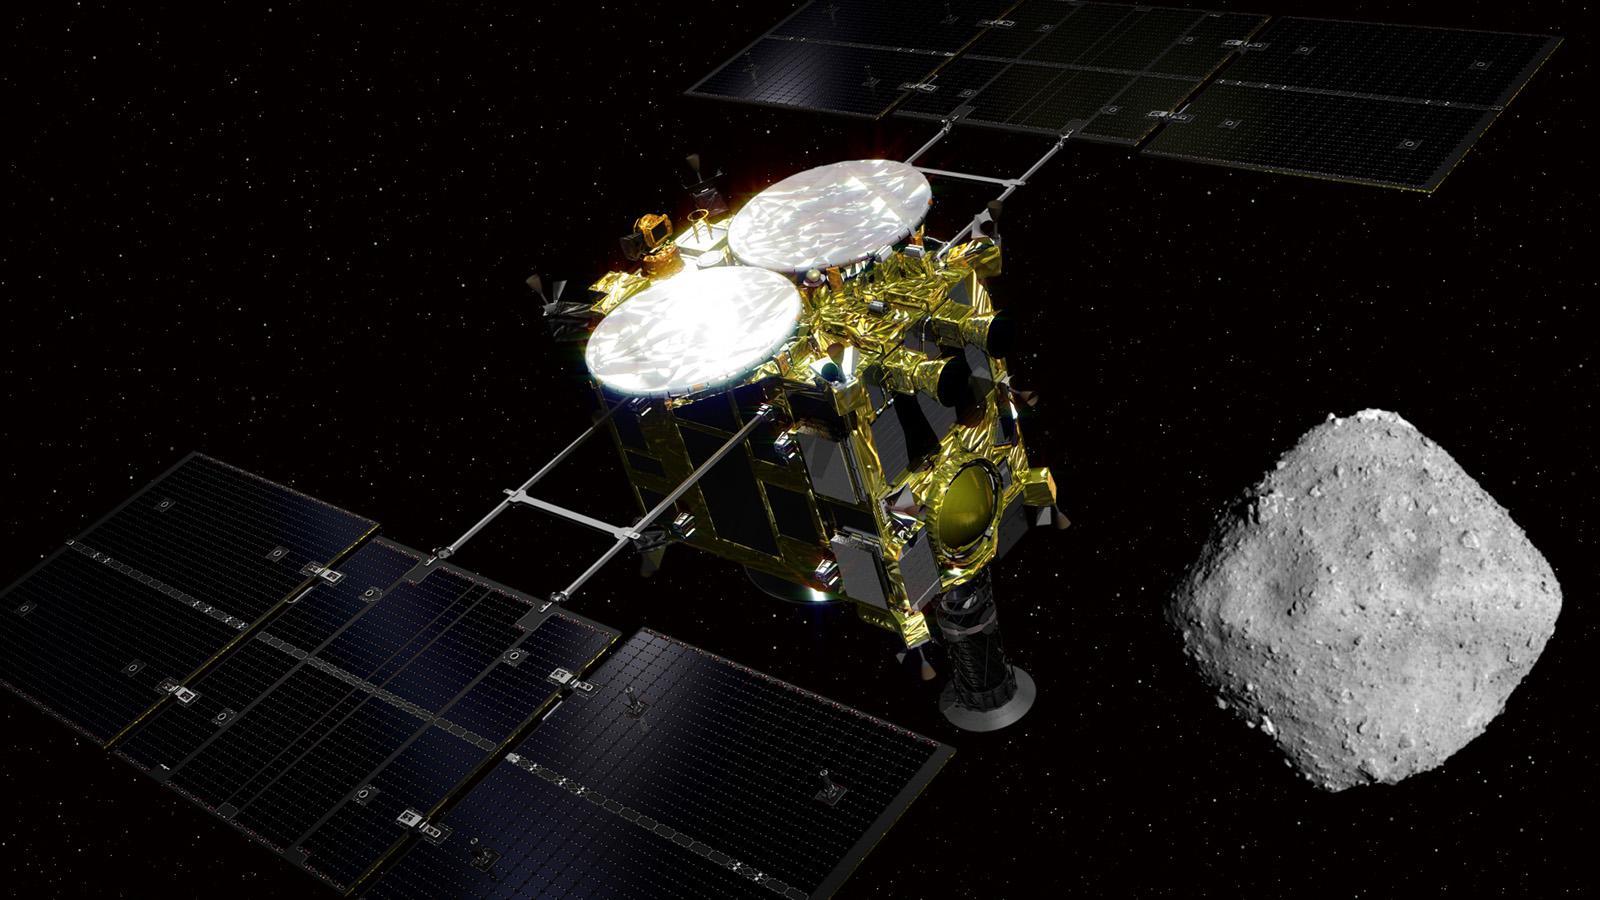 Nell'immagine: una rappresentazione pittorica della sonda Hayabusa 2 credit: Go Miyazaki / Flickr, licenza: CC BY 2.0 sovrapposta a una panoramica di Ryugu, catturata lo scorso giugno credit: JAXA, University of Tokyo and collaborators), in cui sono già ben visibili molte caratteristiche superficiali crateri, grossi macigni, ecc. dell'asteroide. L'insolita forma e la rapida rotazione del corpo celeste, completata in 7 ore e 38 minuti, lo rendono ancora più interessante per i planetologi.